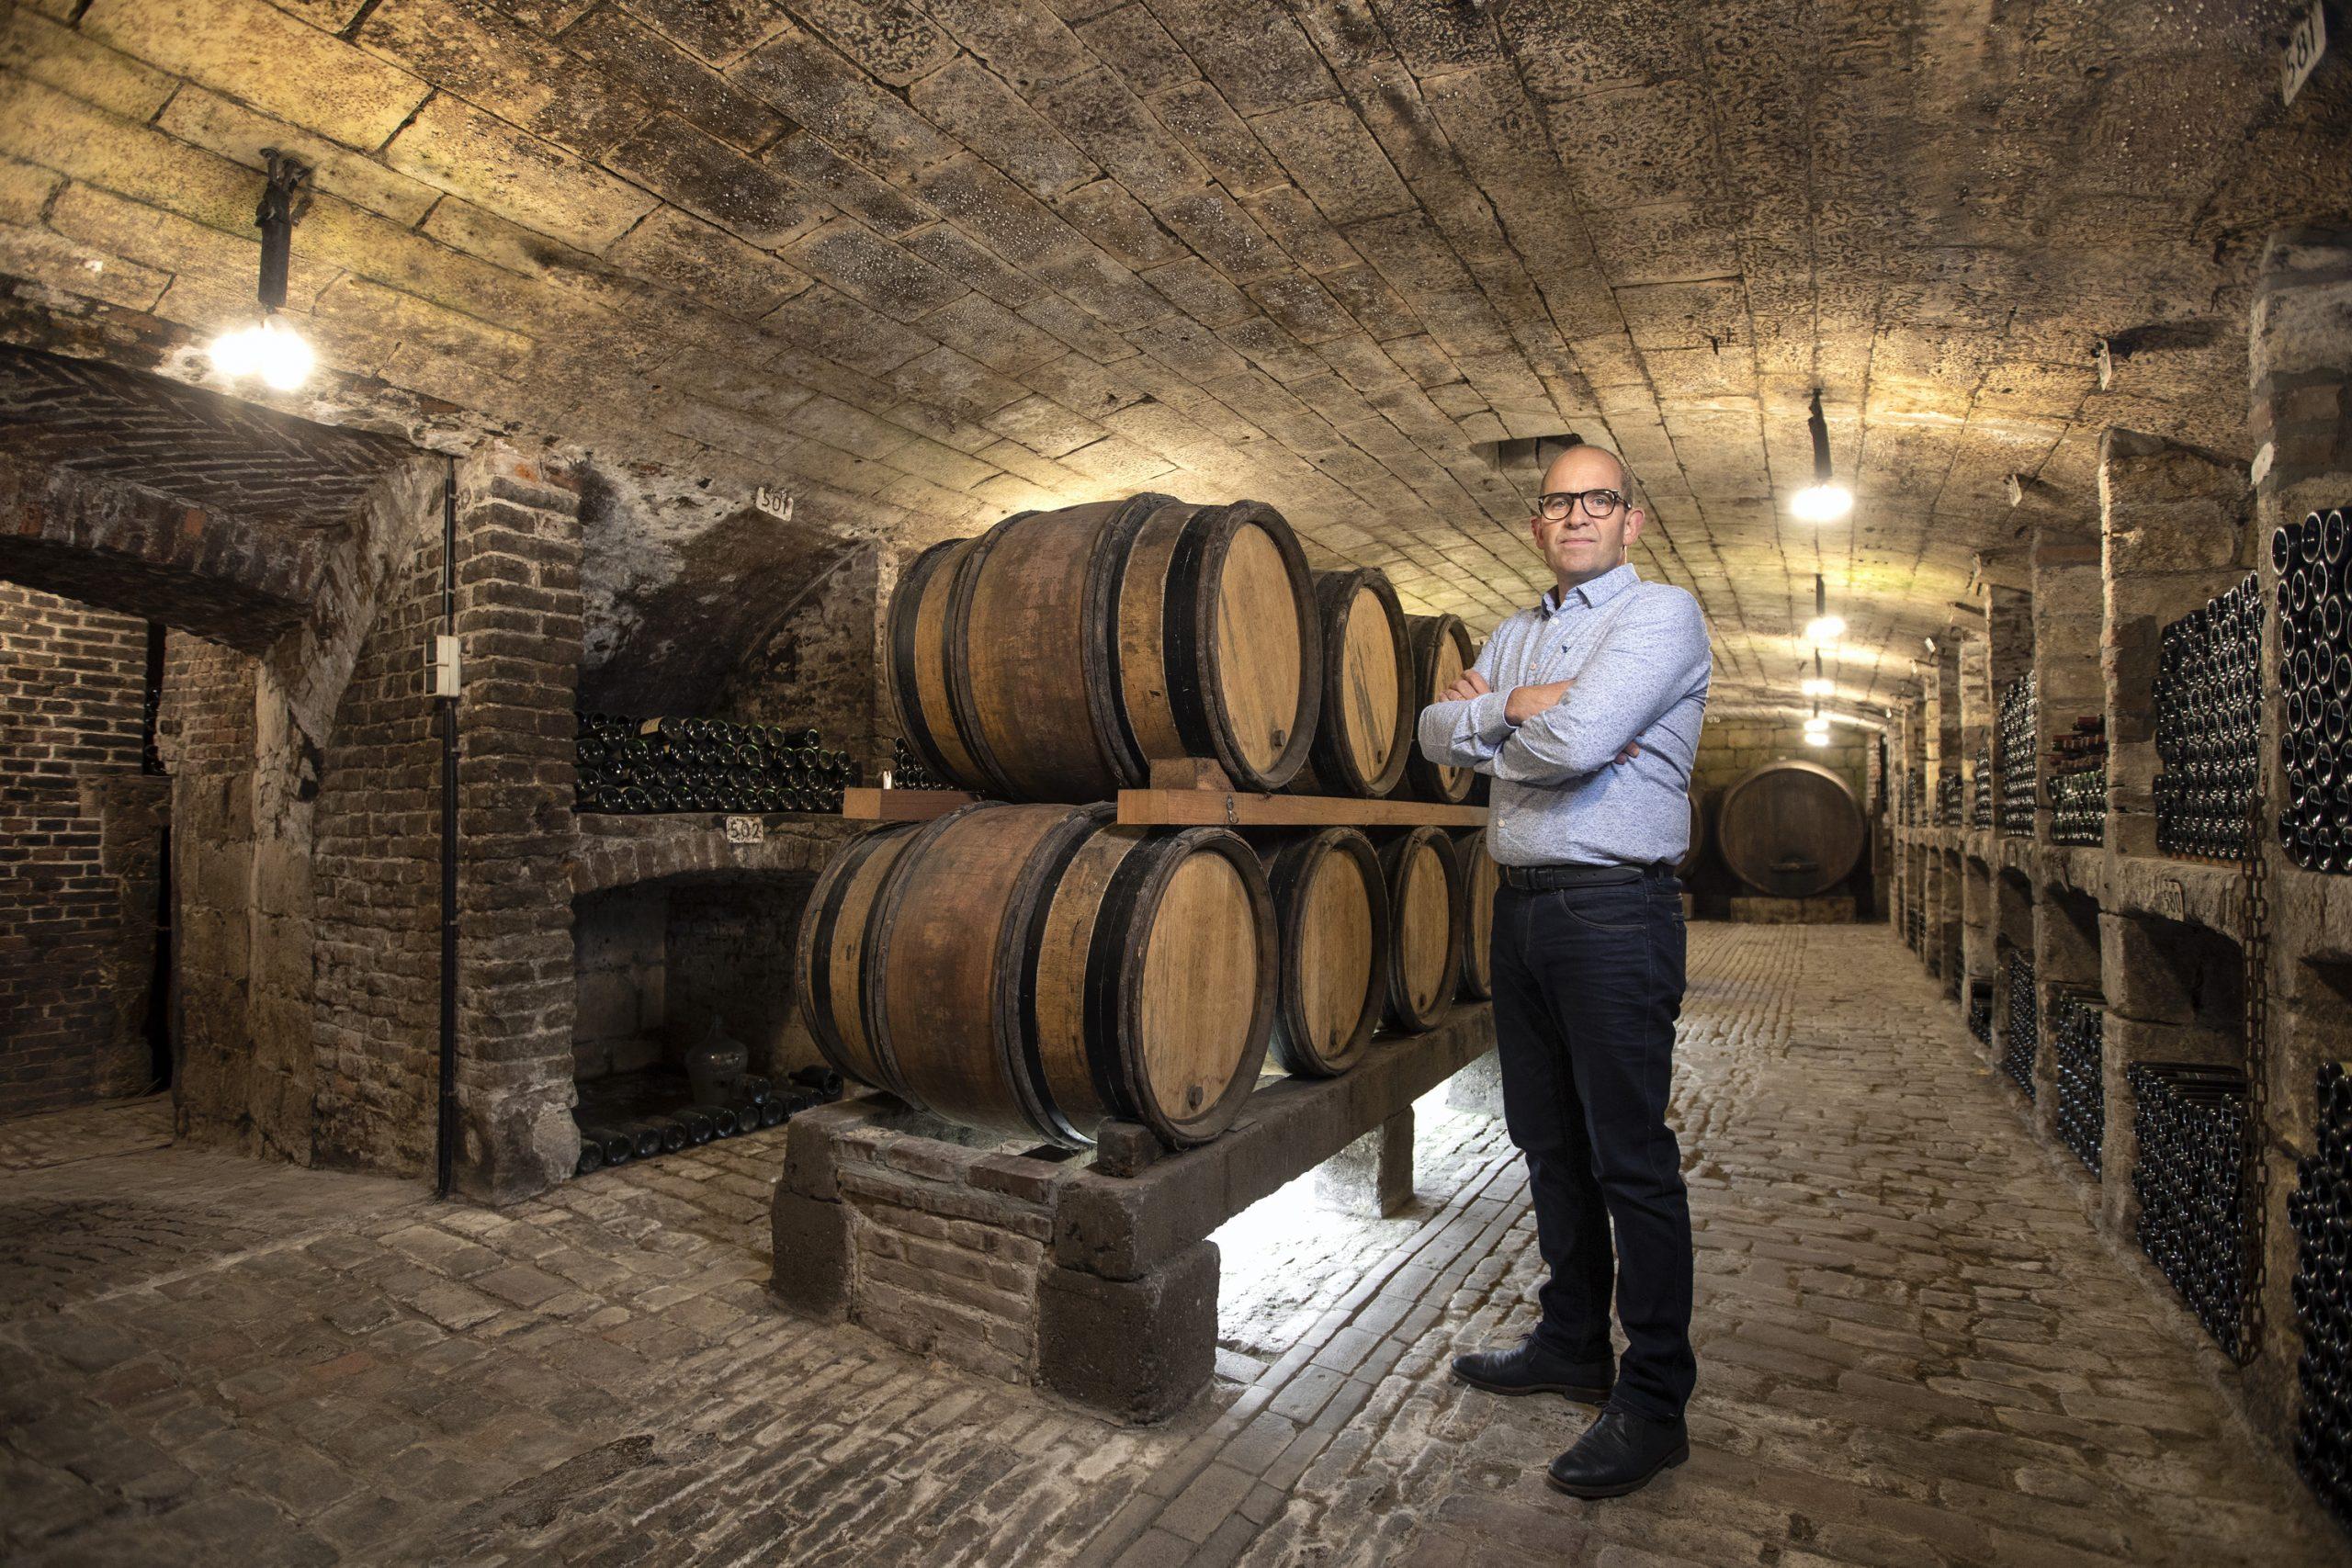 Gerry Habets staand tussen de wijnvaten in zijn kelder